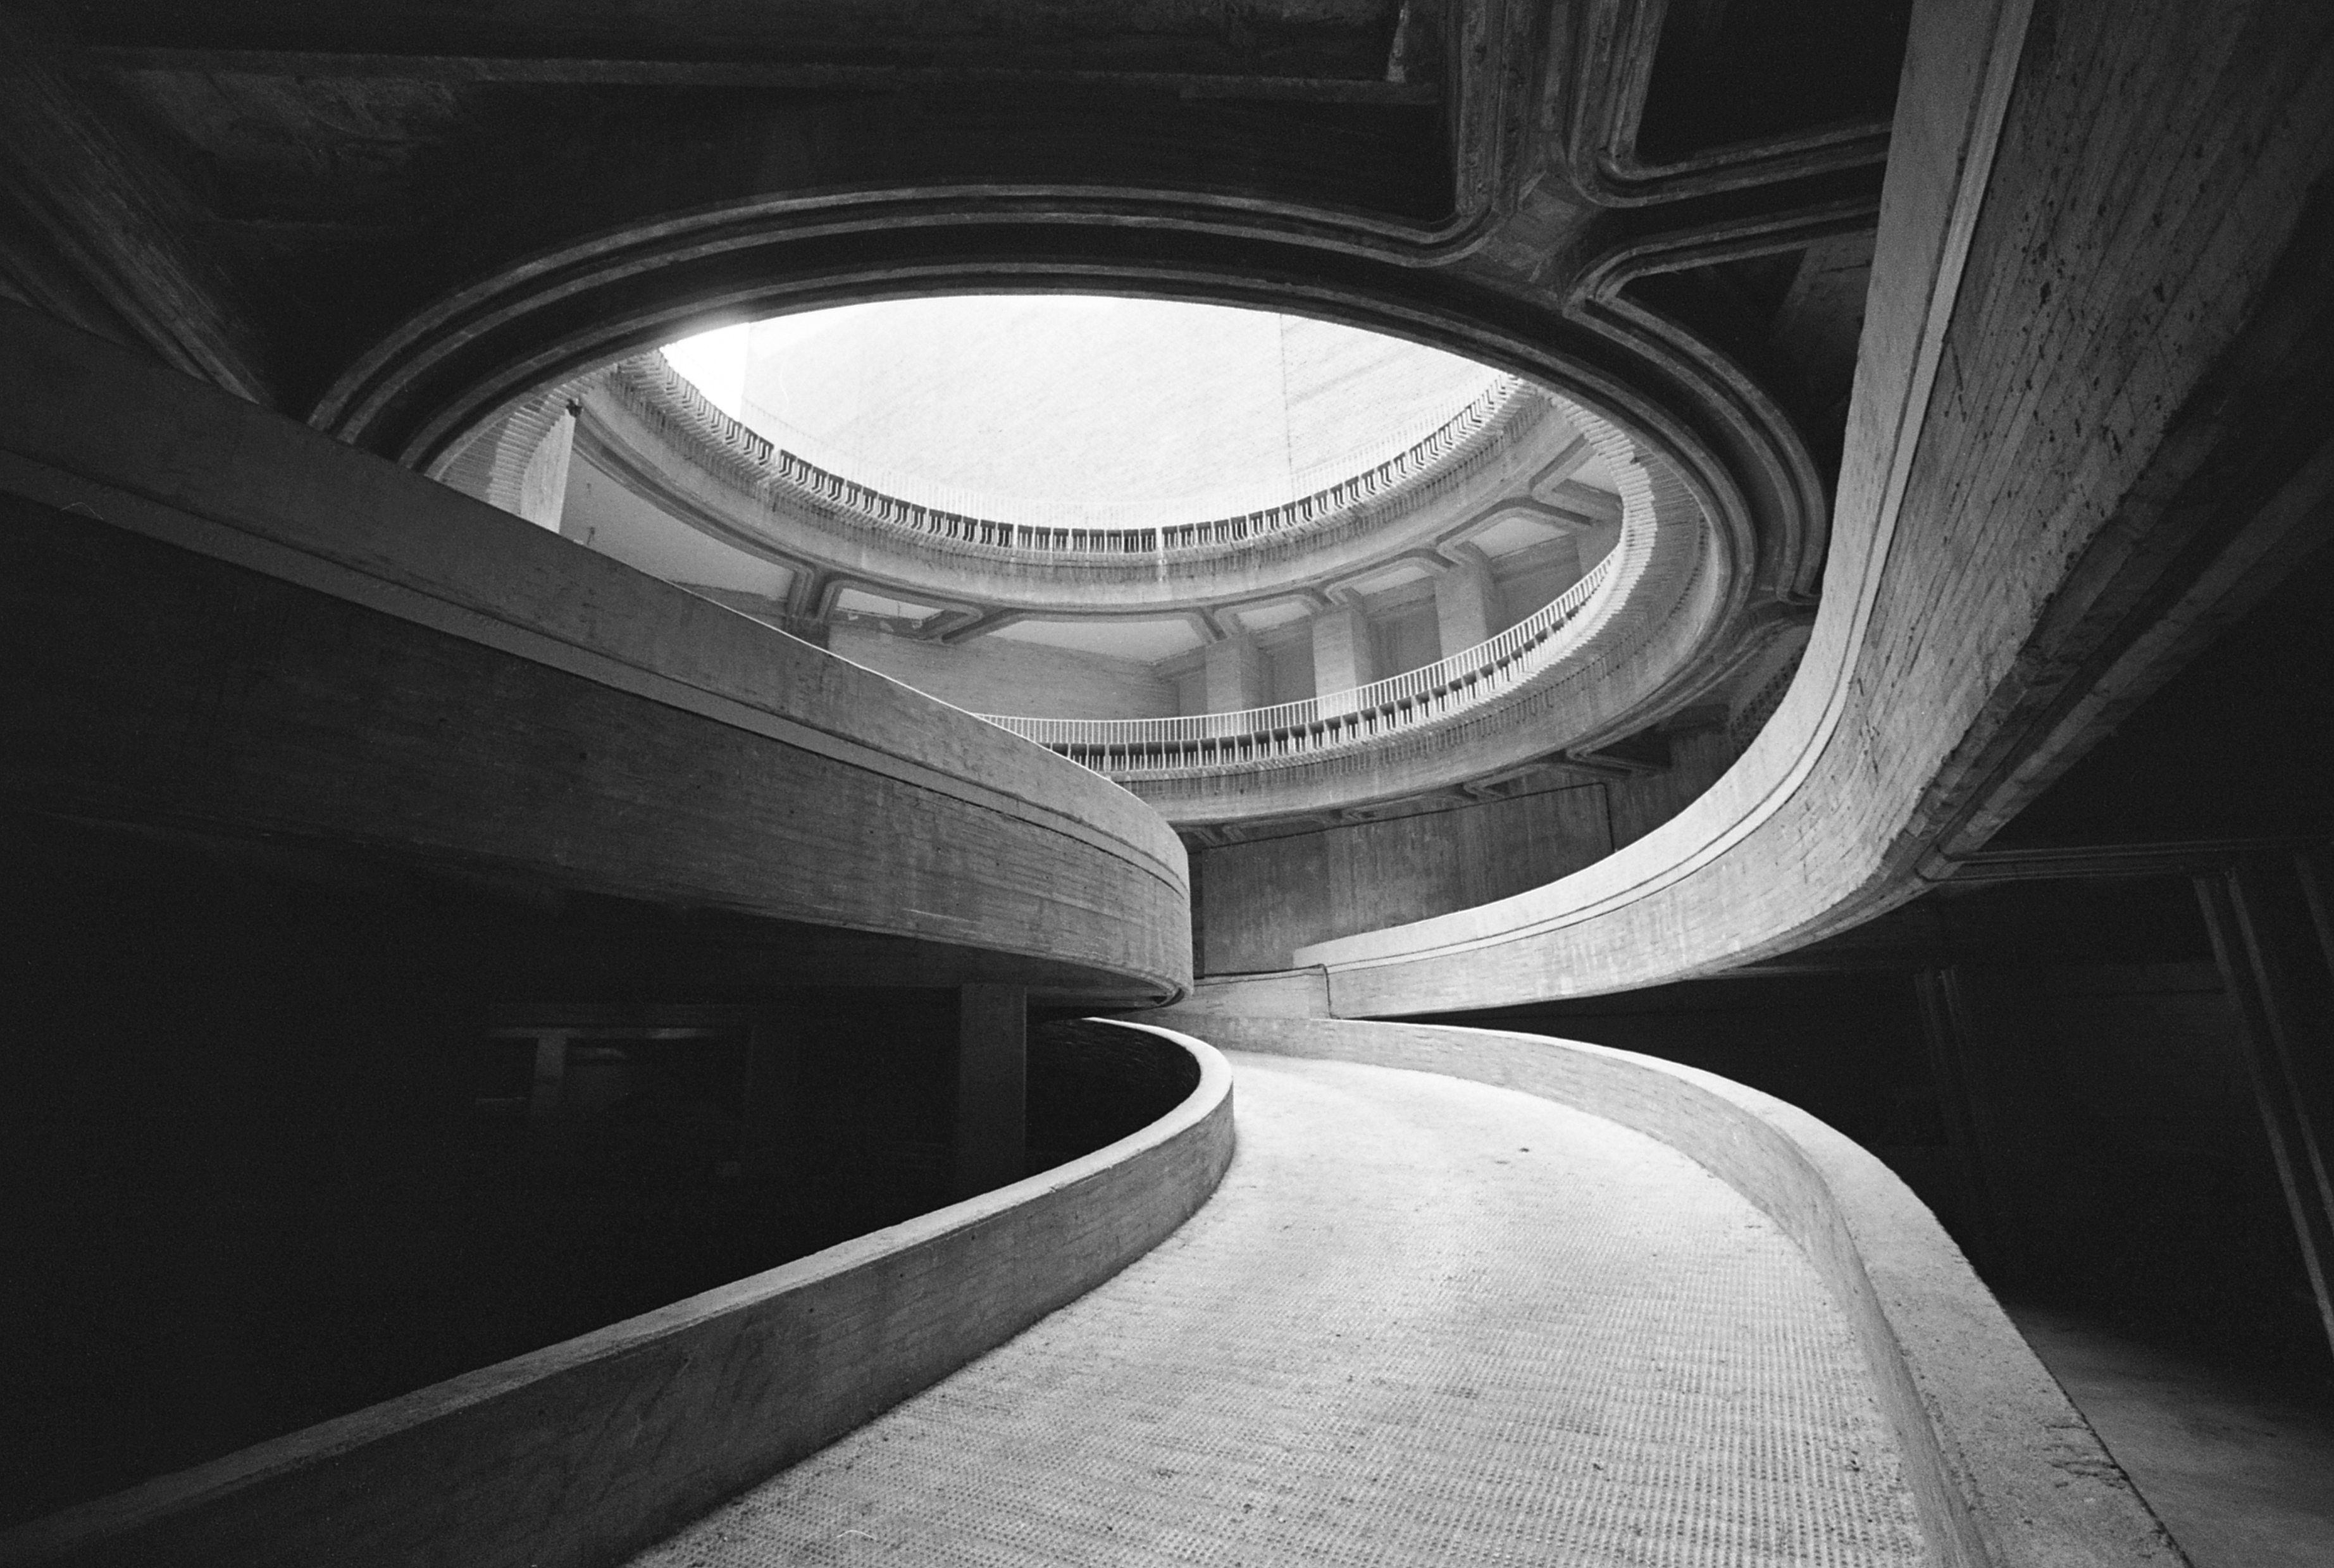 Fotograf a y arquitectura moderna en espa a entrevista a for Arquitectos de la arquitectura moderna